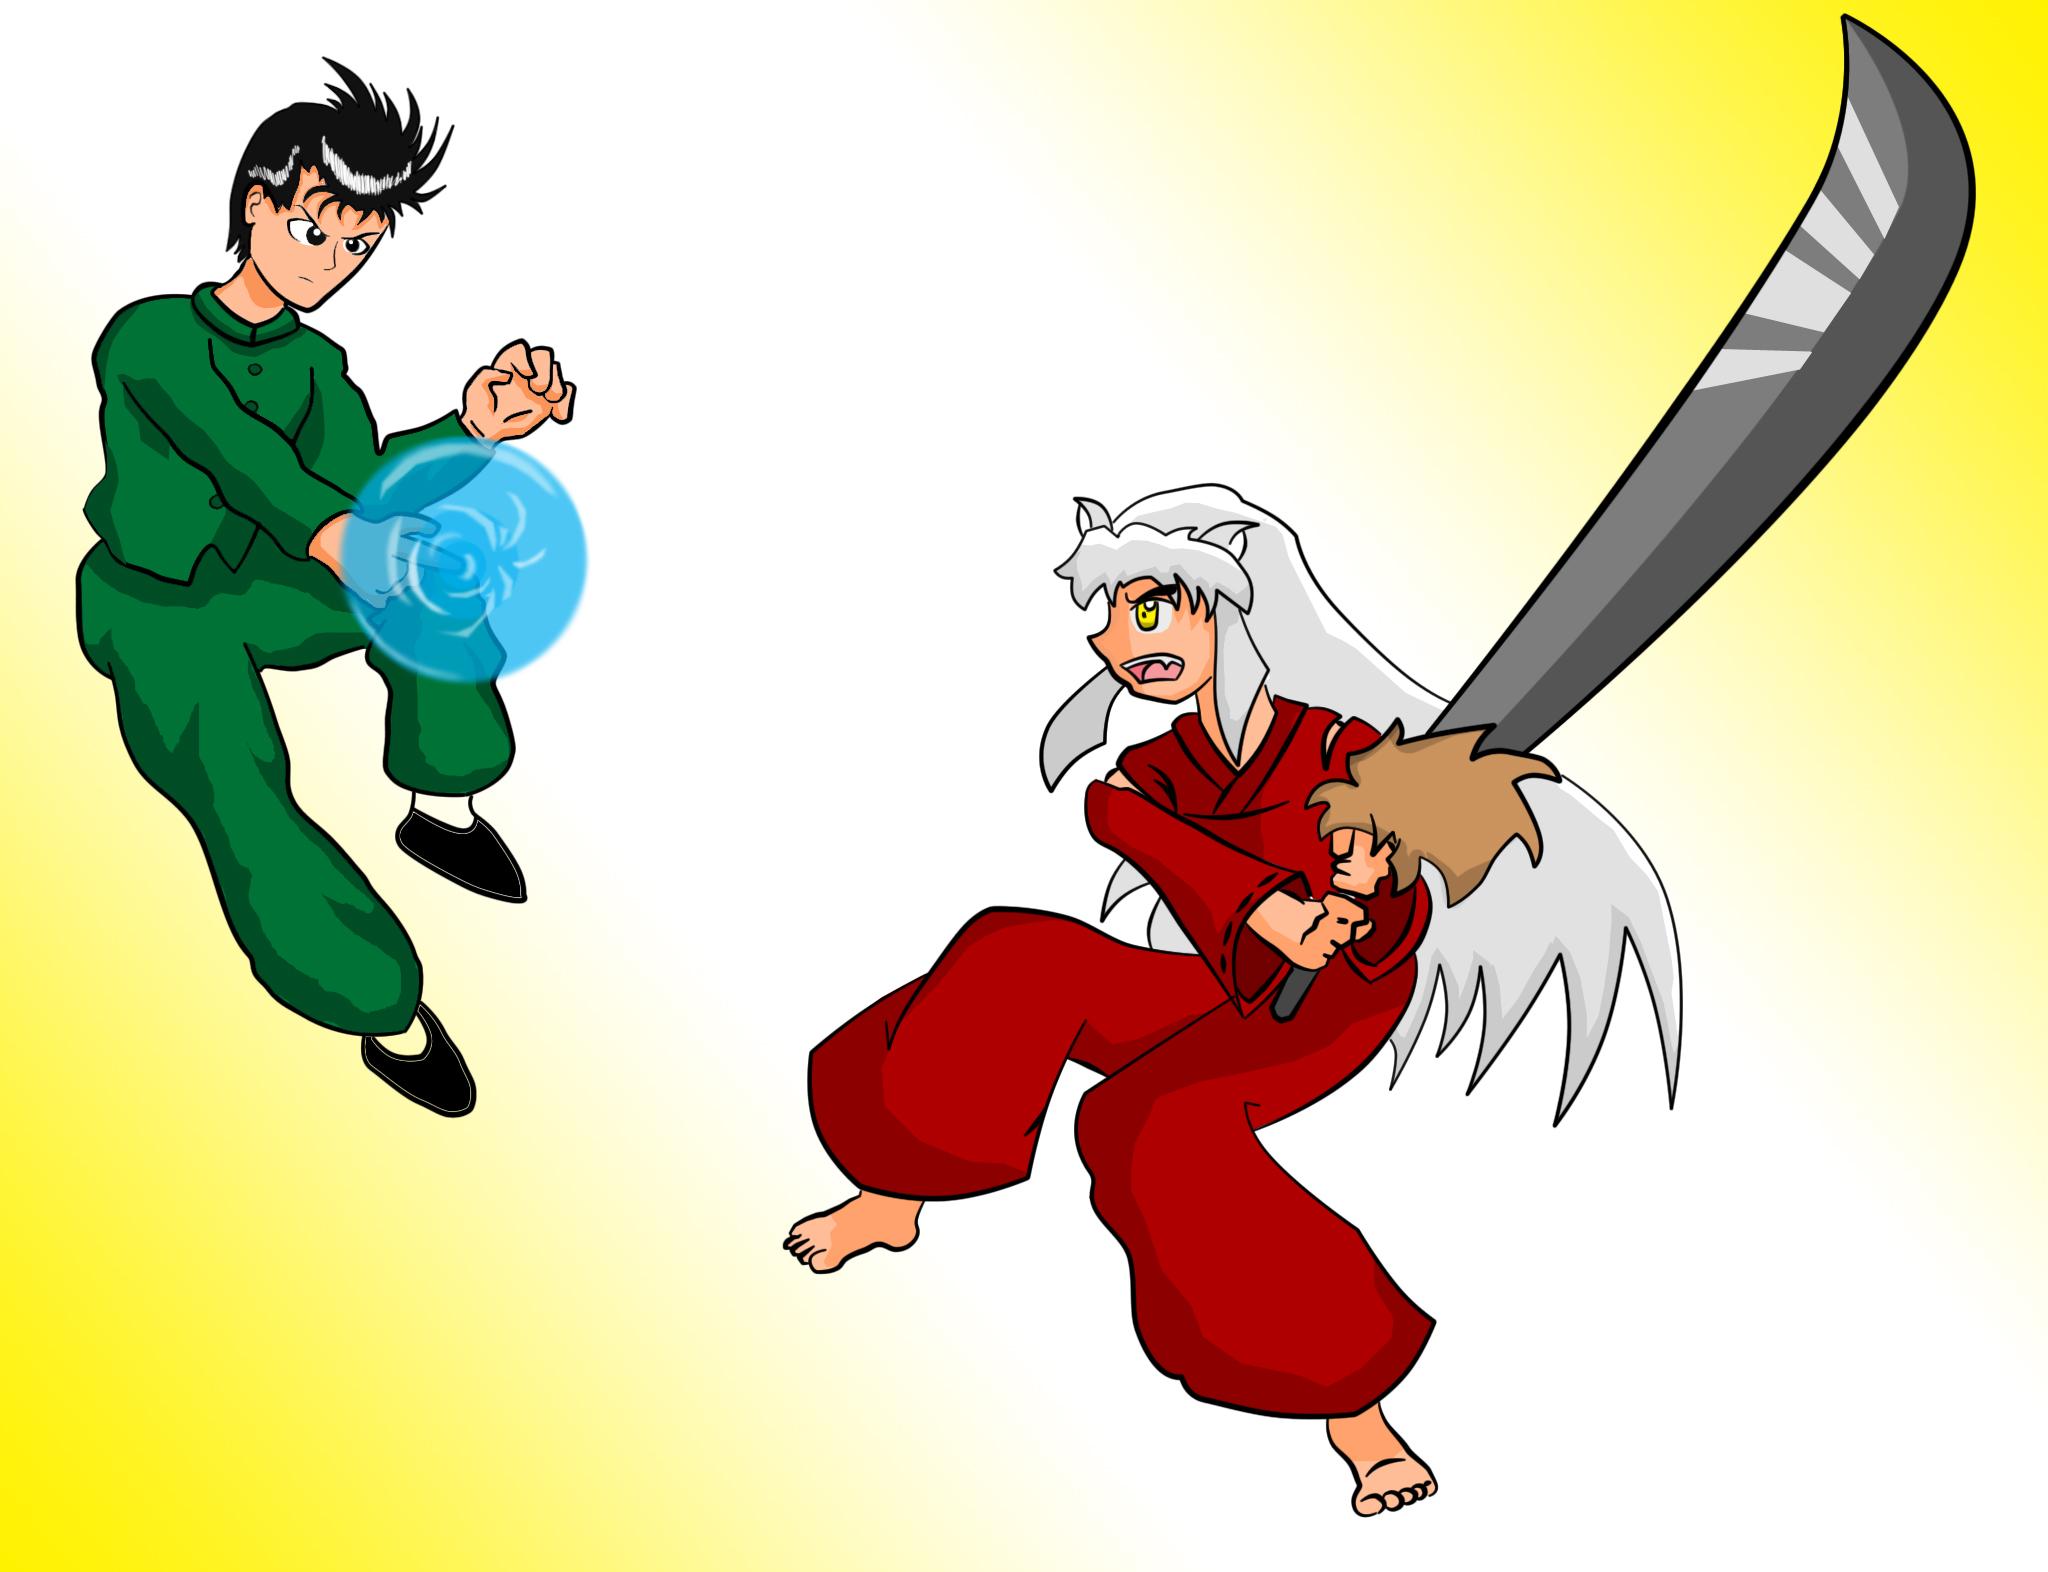 Yusuke vs Inuyasha